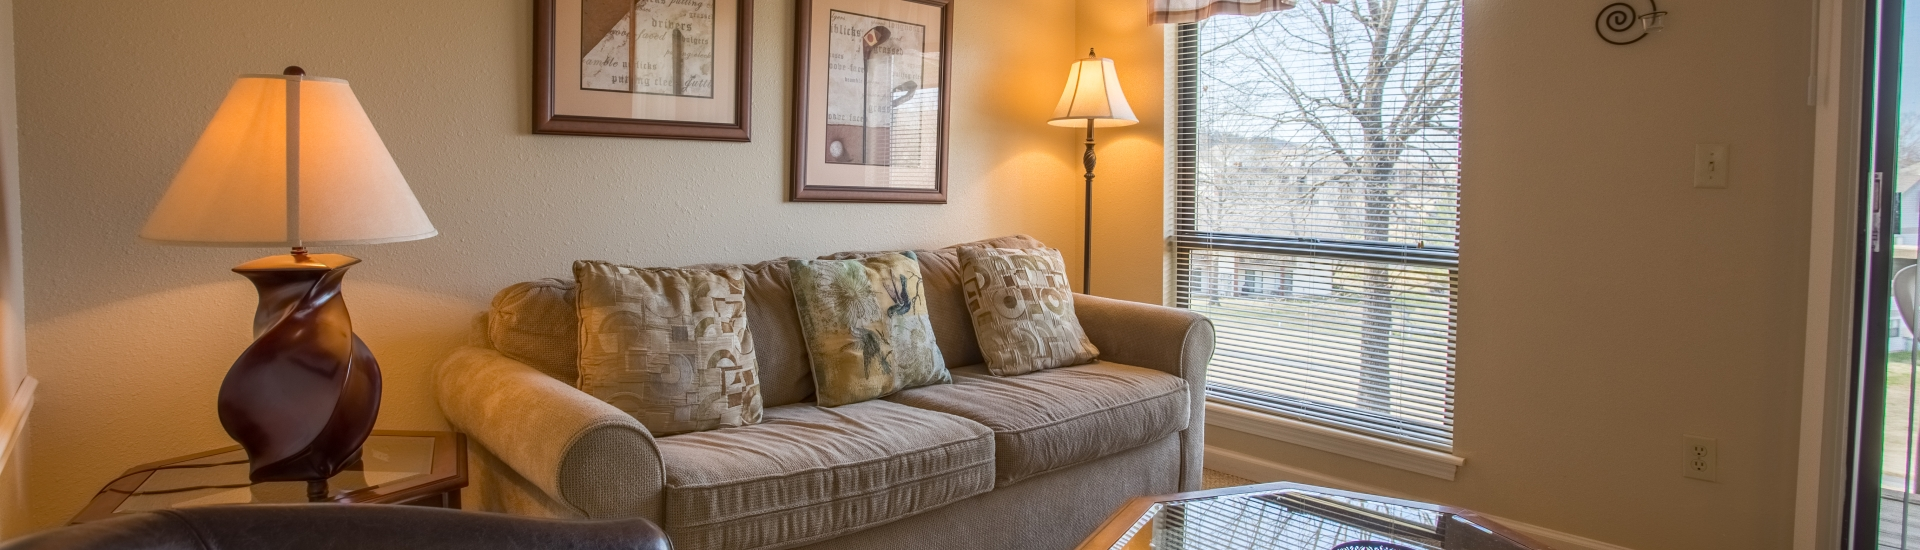 1 bedroom condos vacation rentals in branson branson travel office for Branson condo rentals 3 bedroom